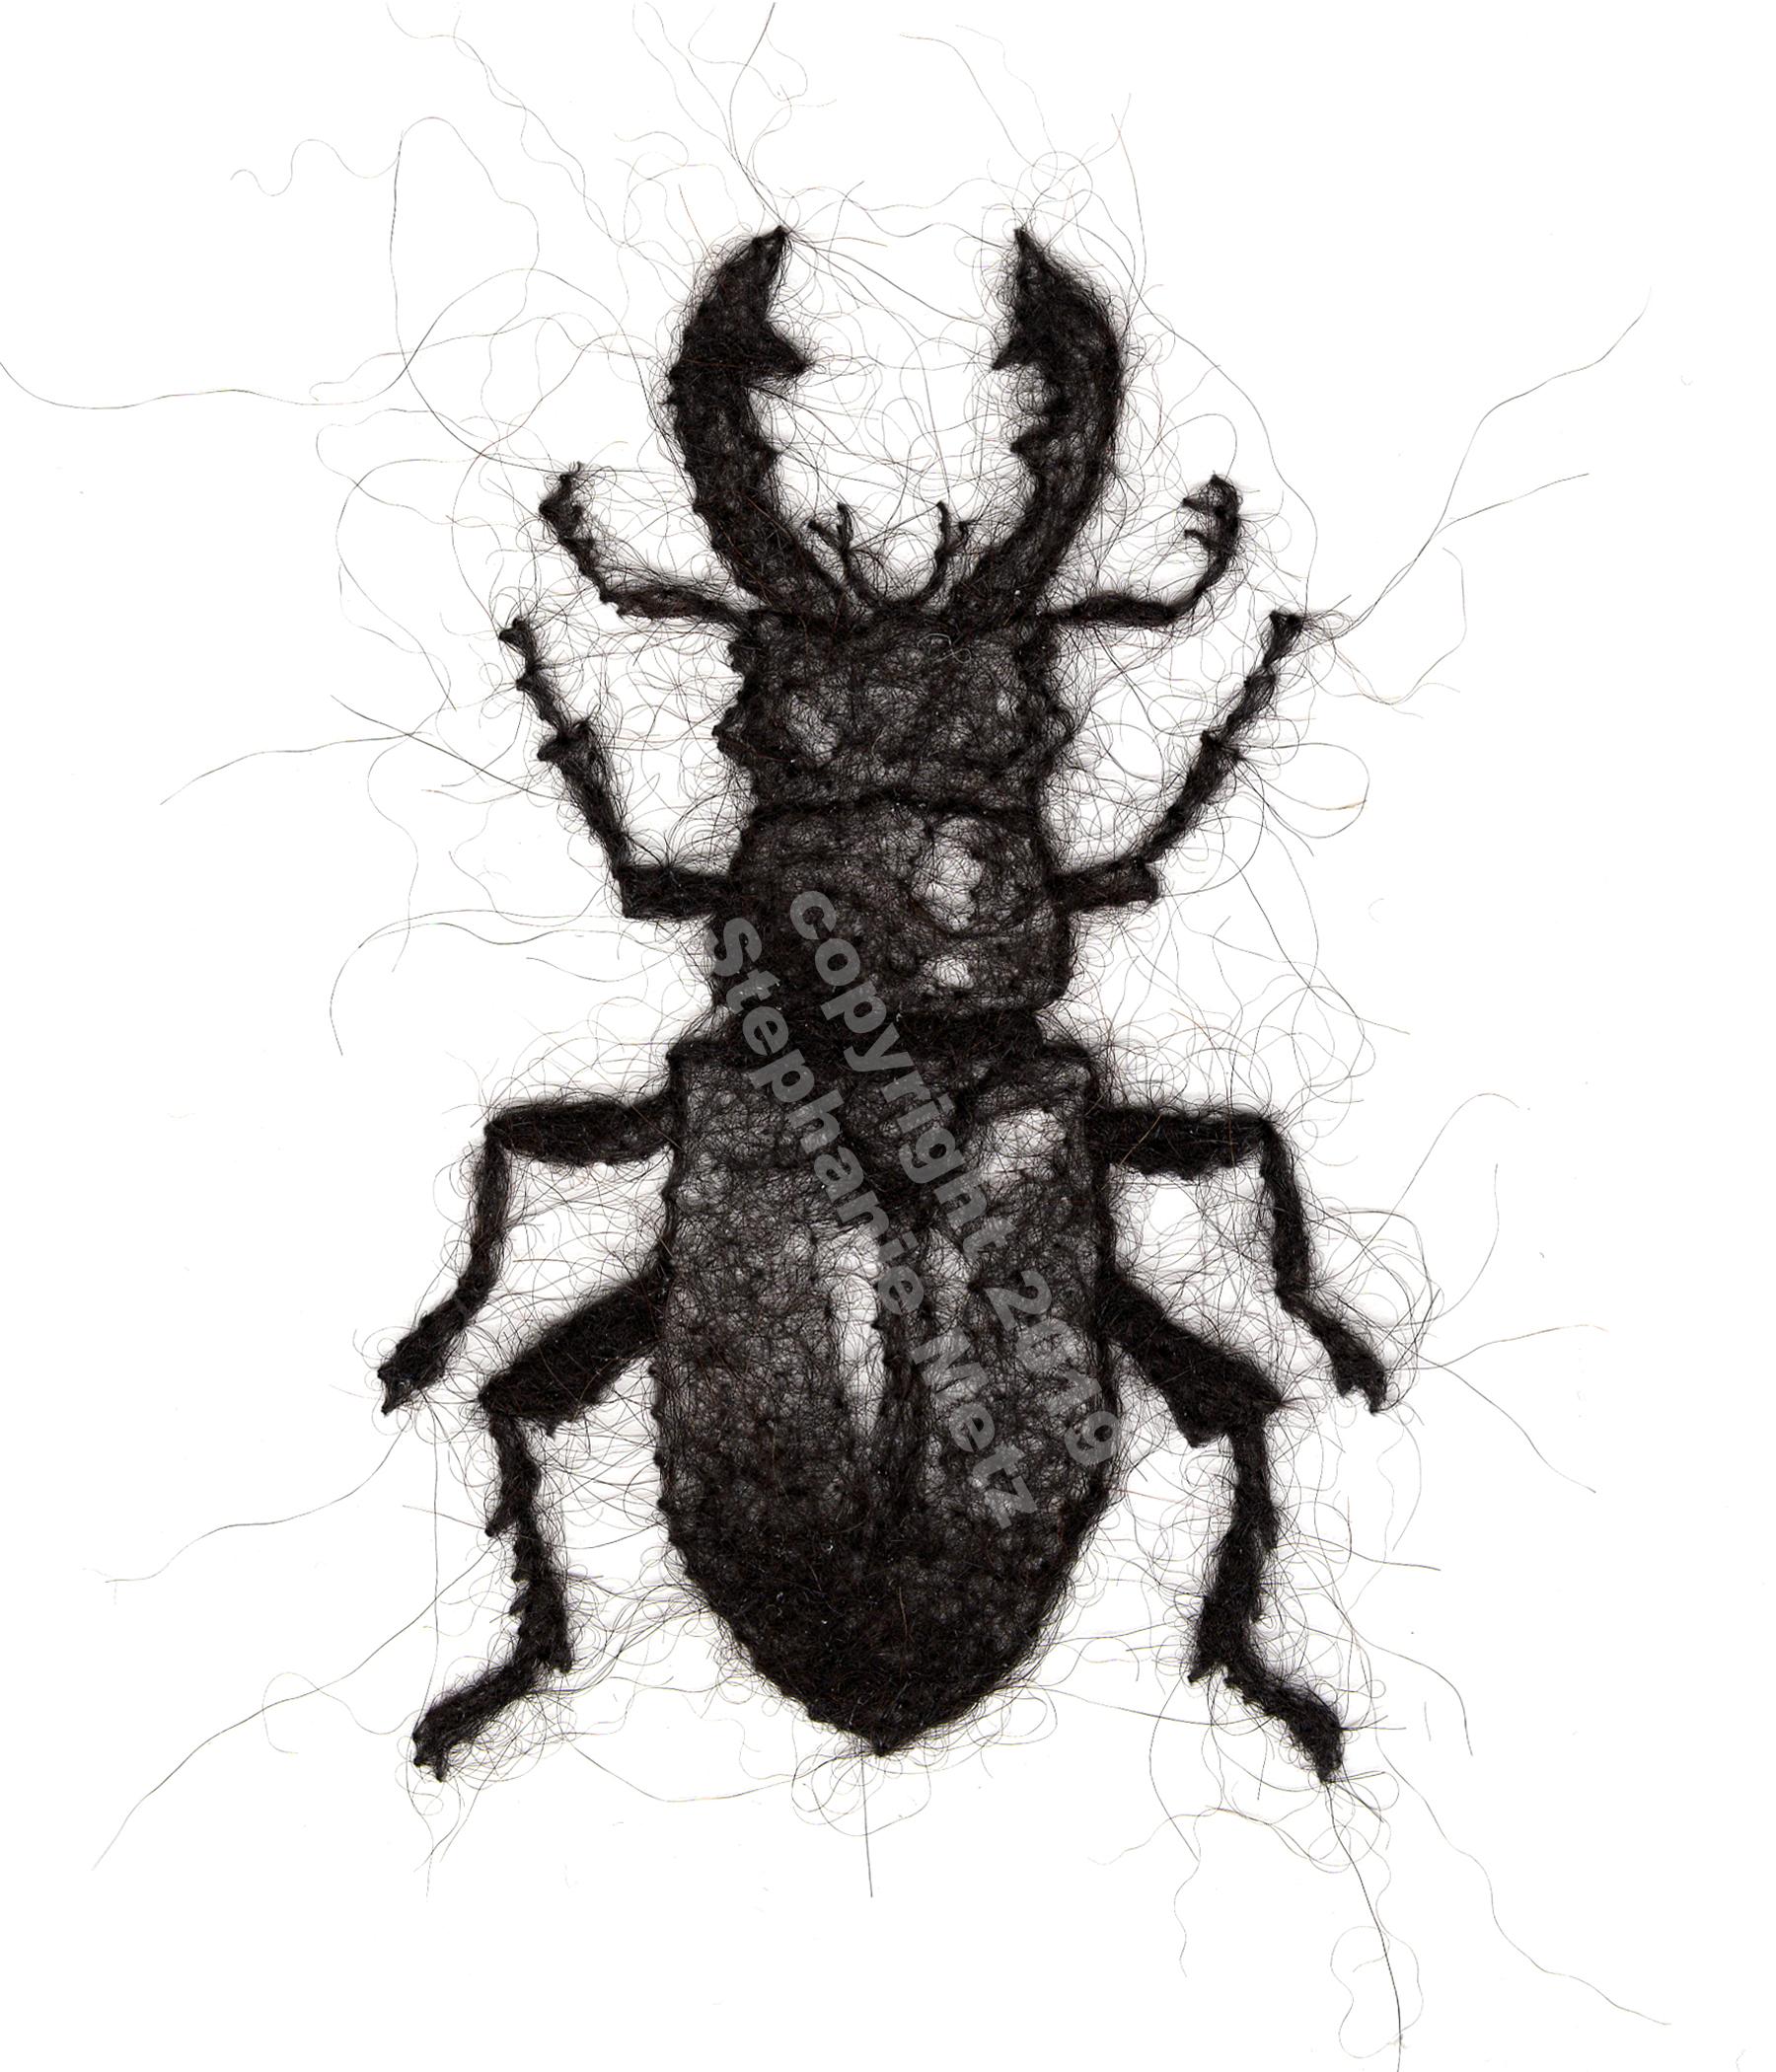 Beetle #8